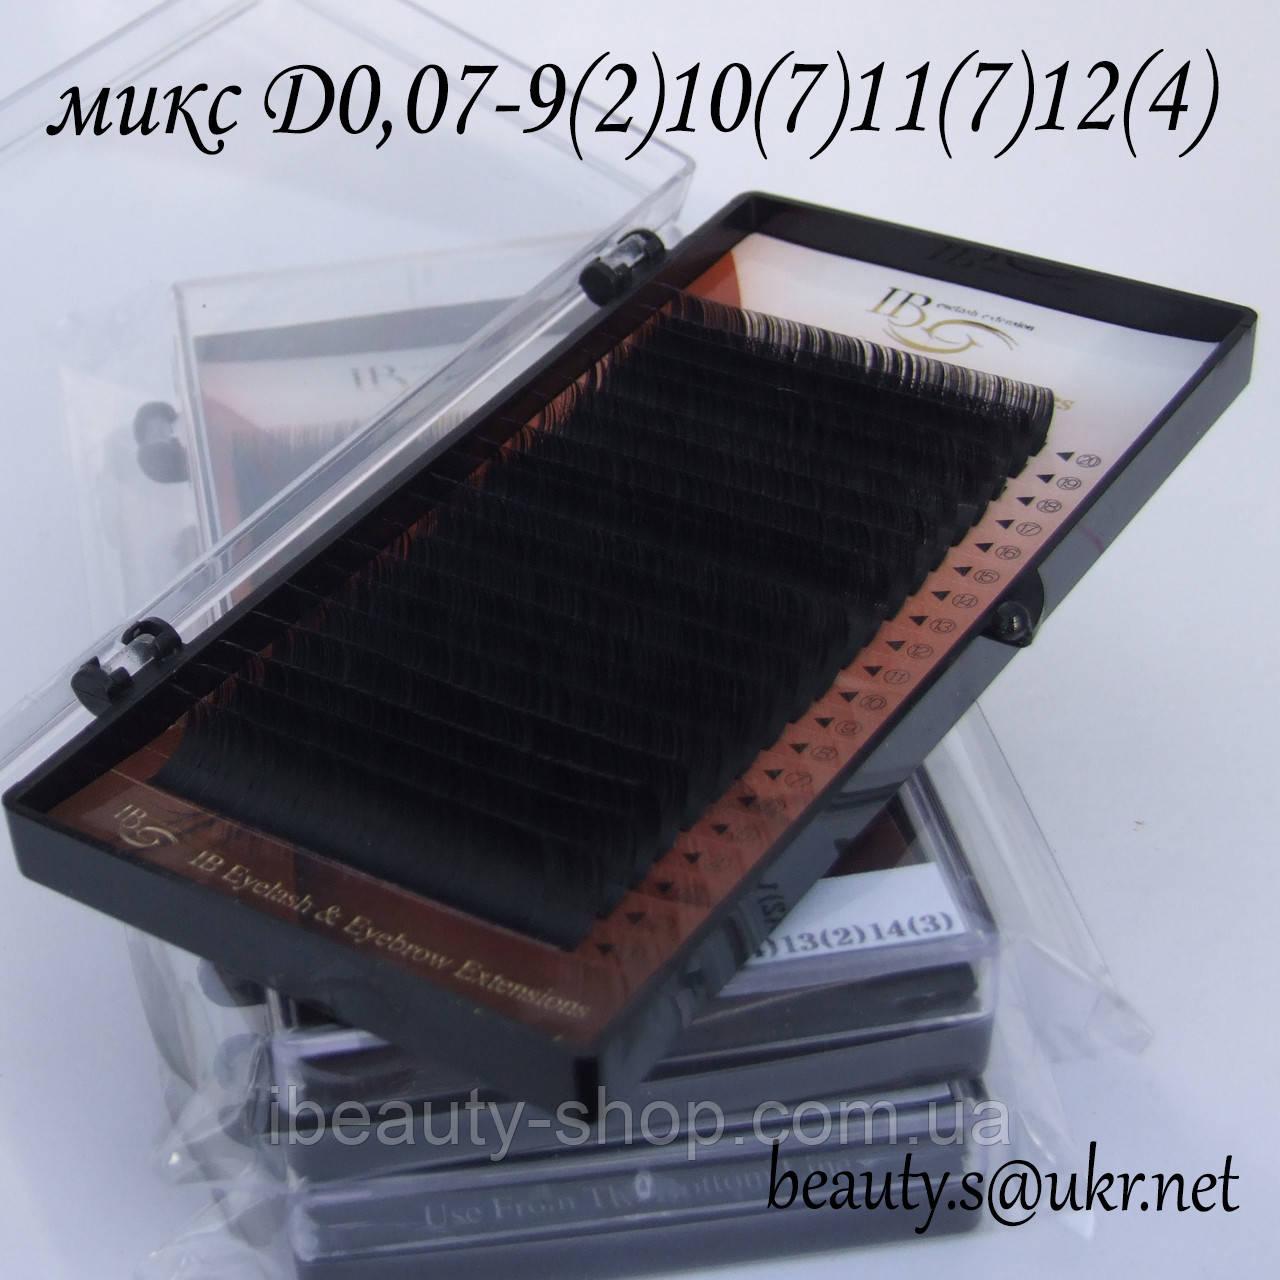 Вії I-Beauty мікс D-0,07 9-12мм